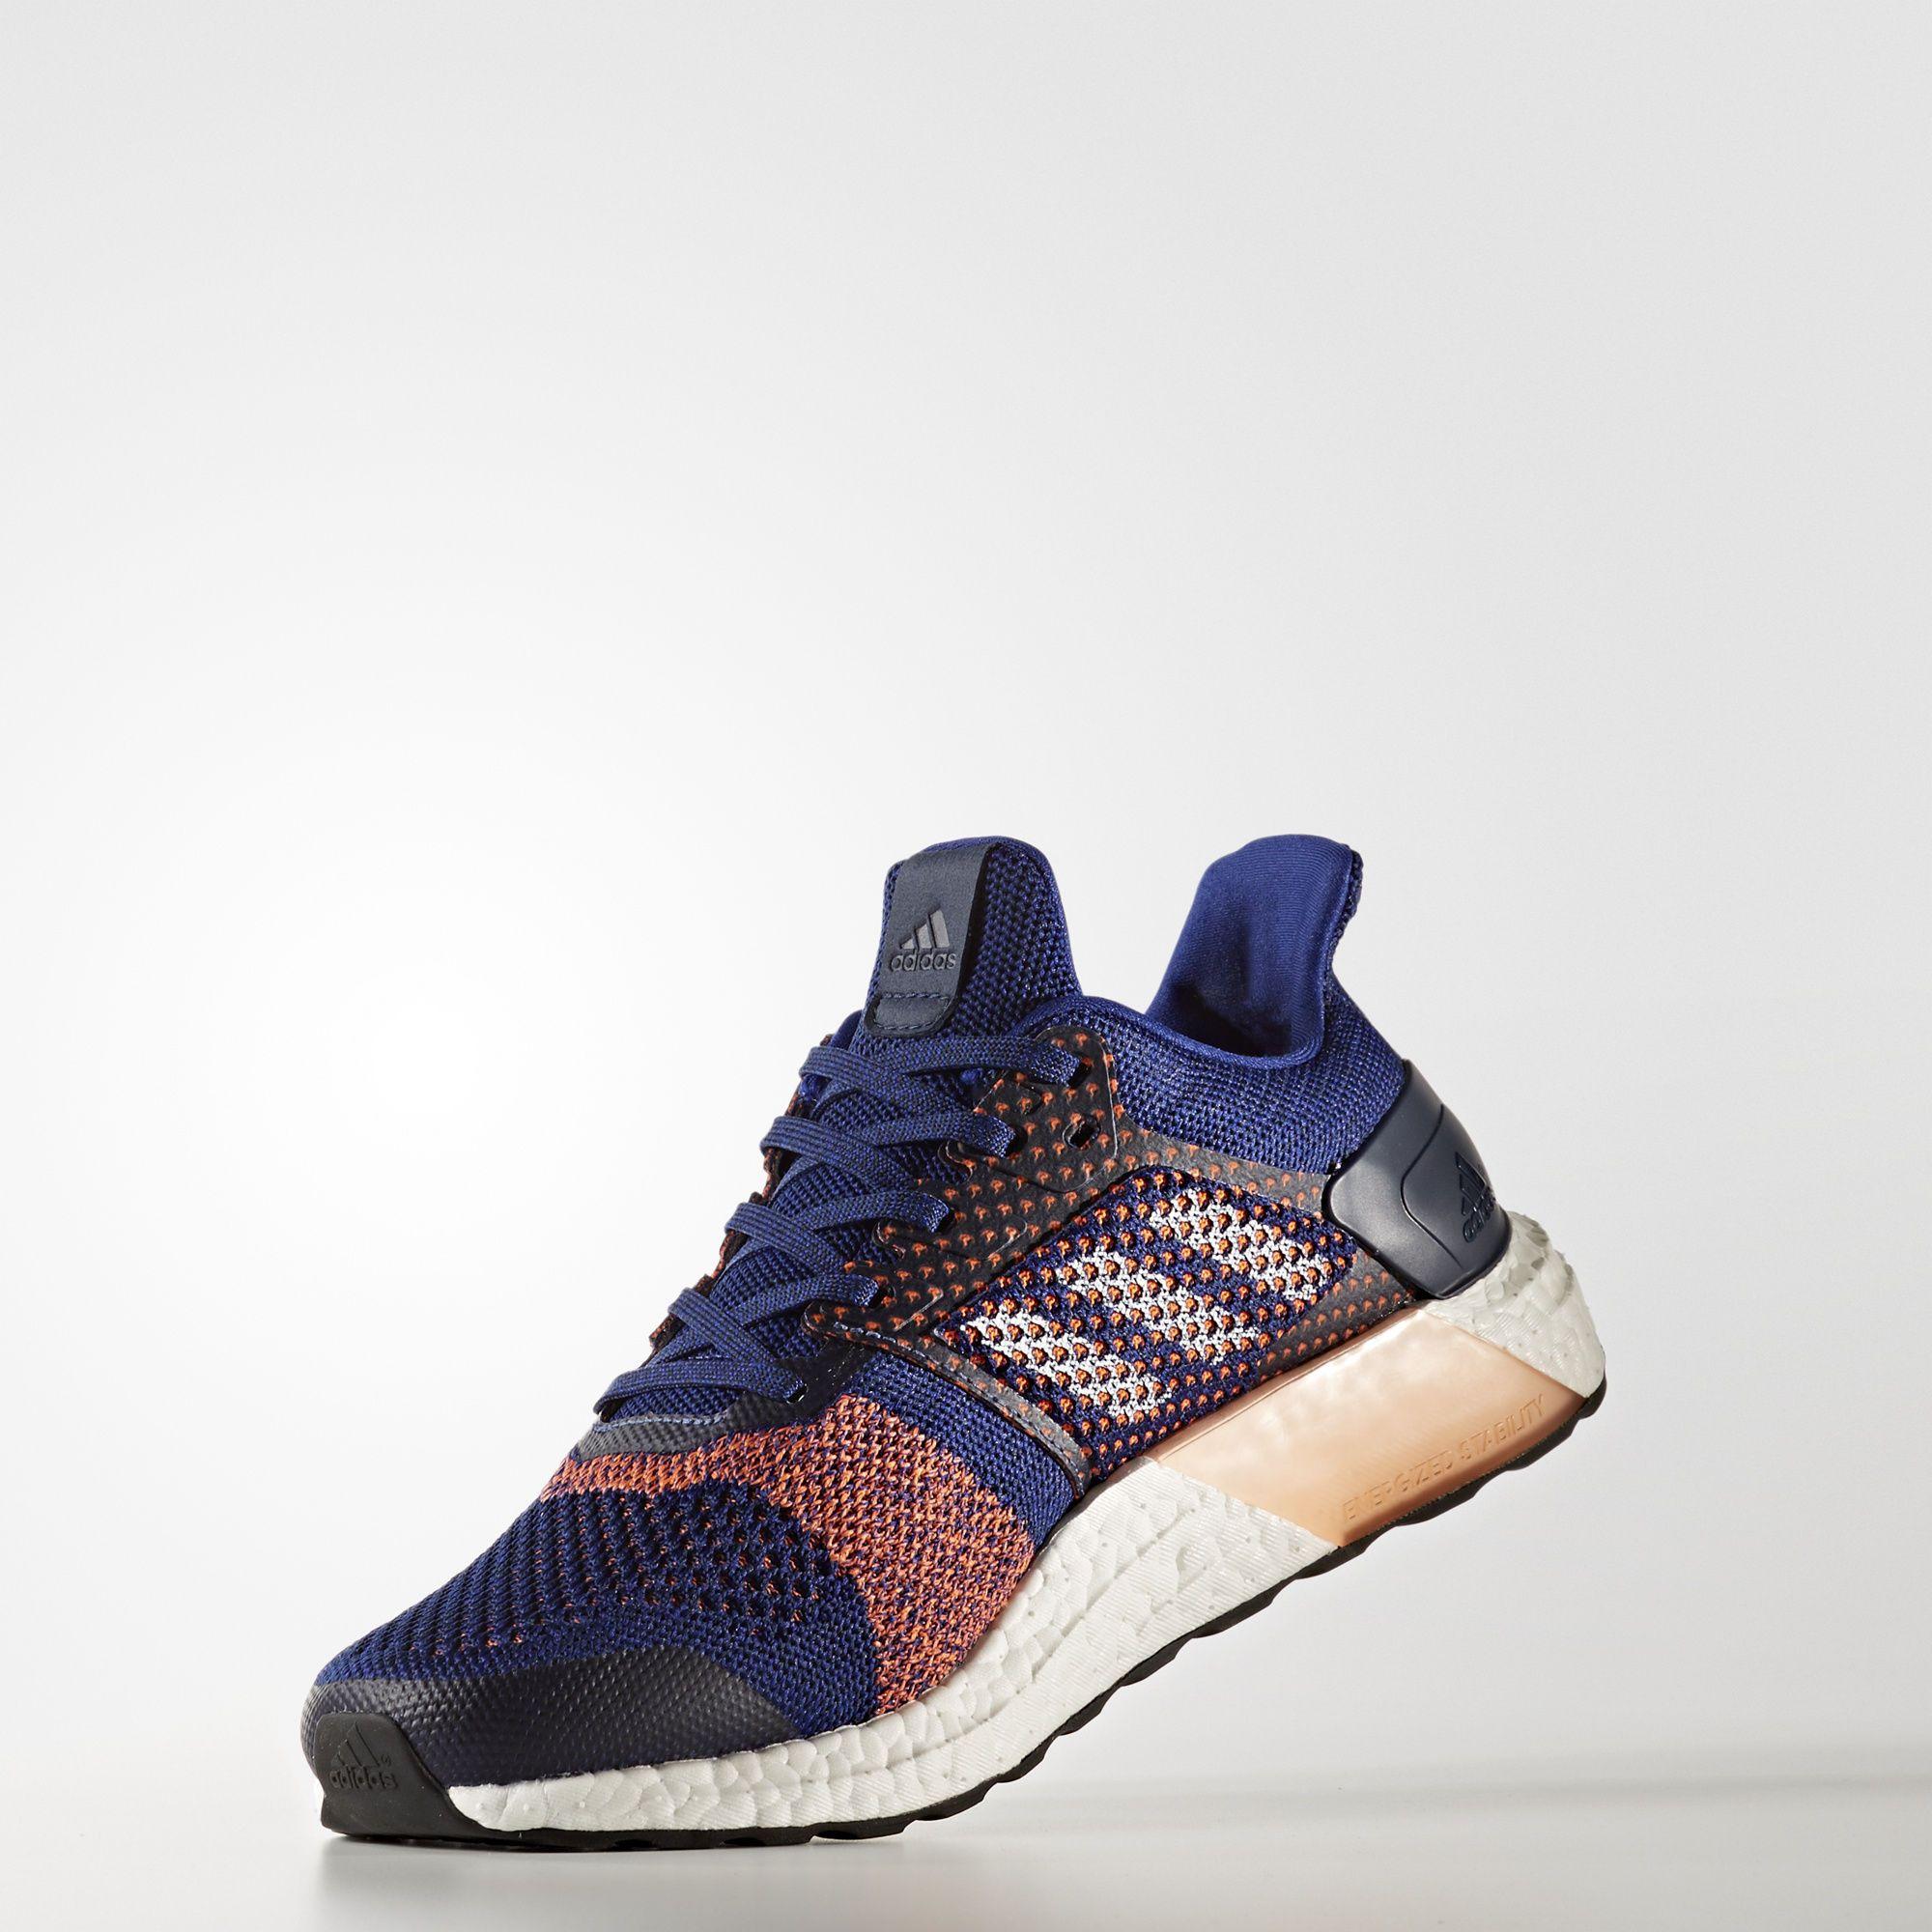 Chaussure UltraBOOST ST - bleu adidas | adidas France ...